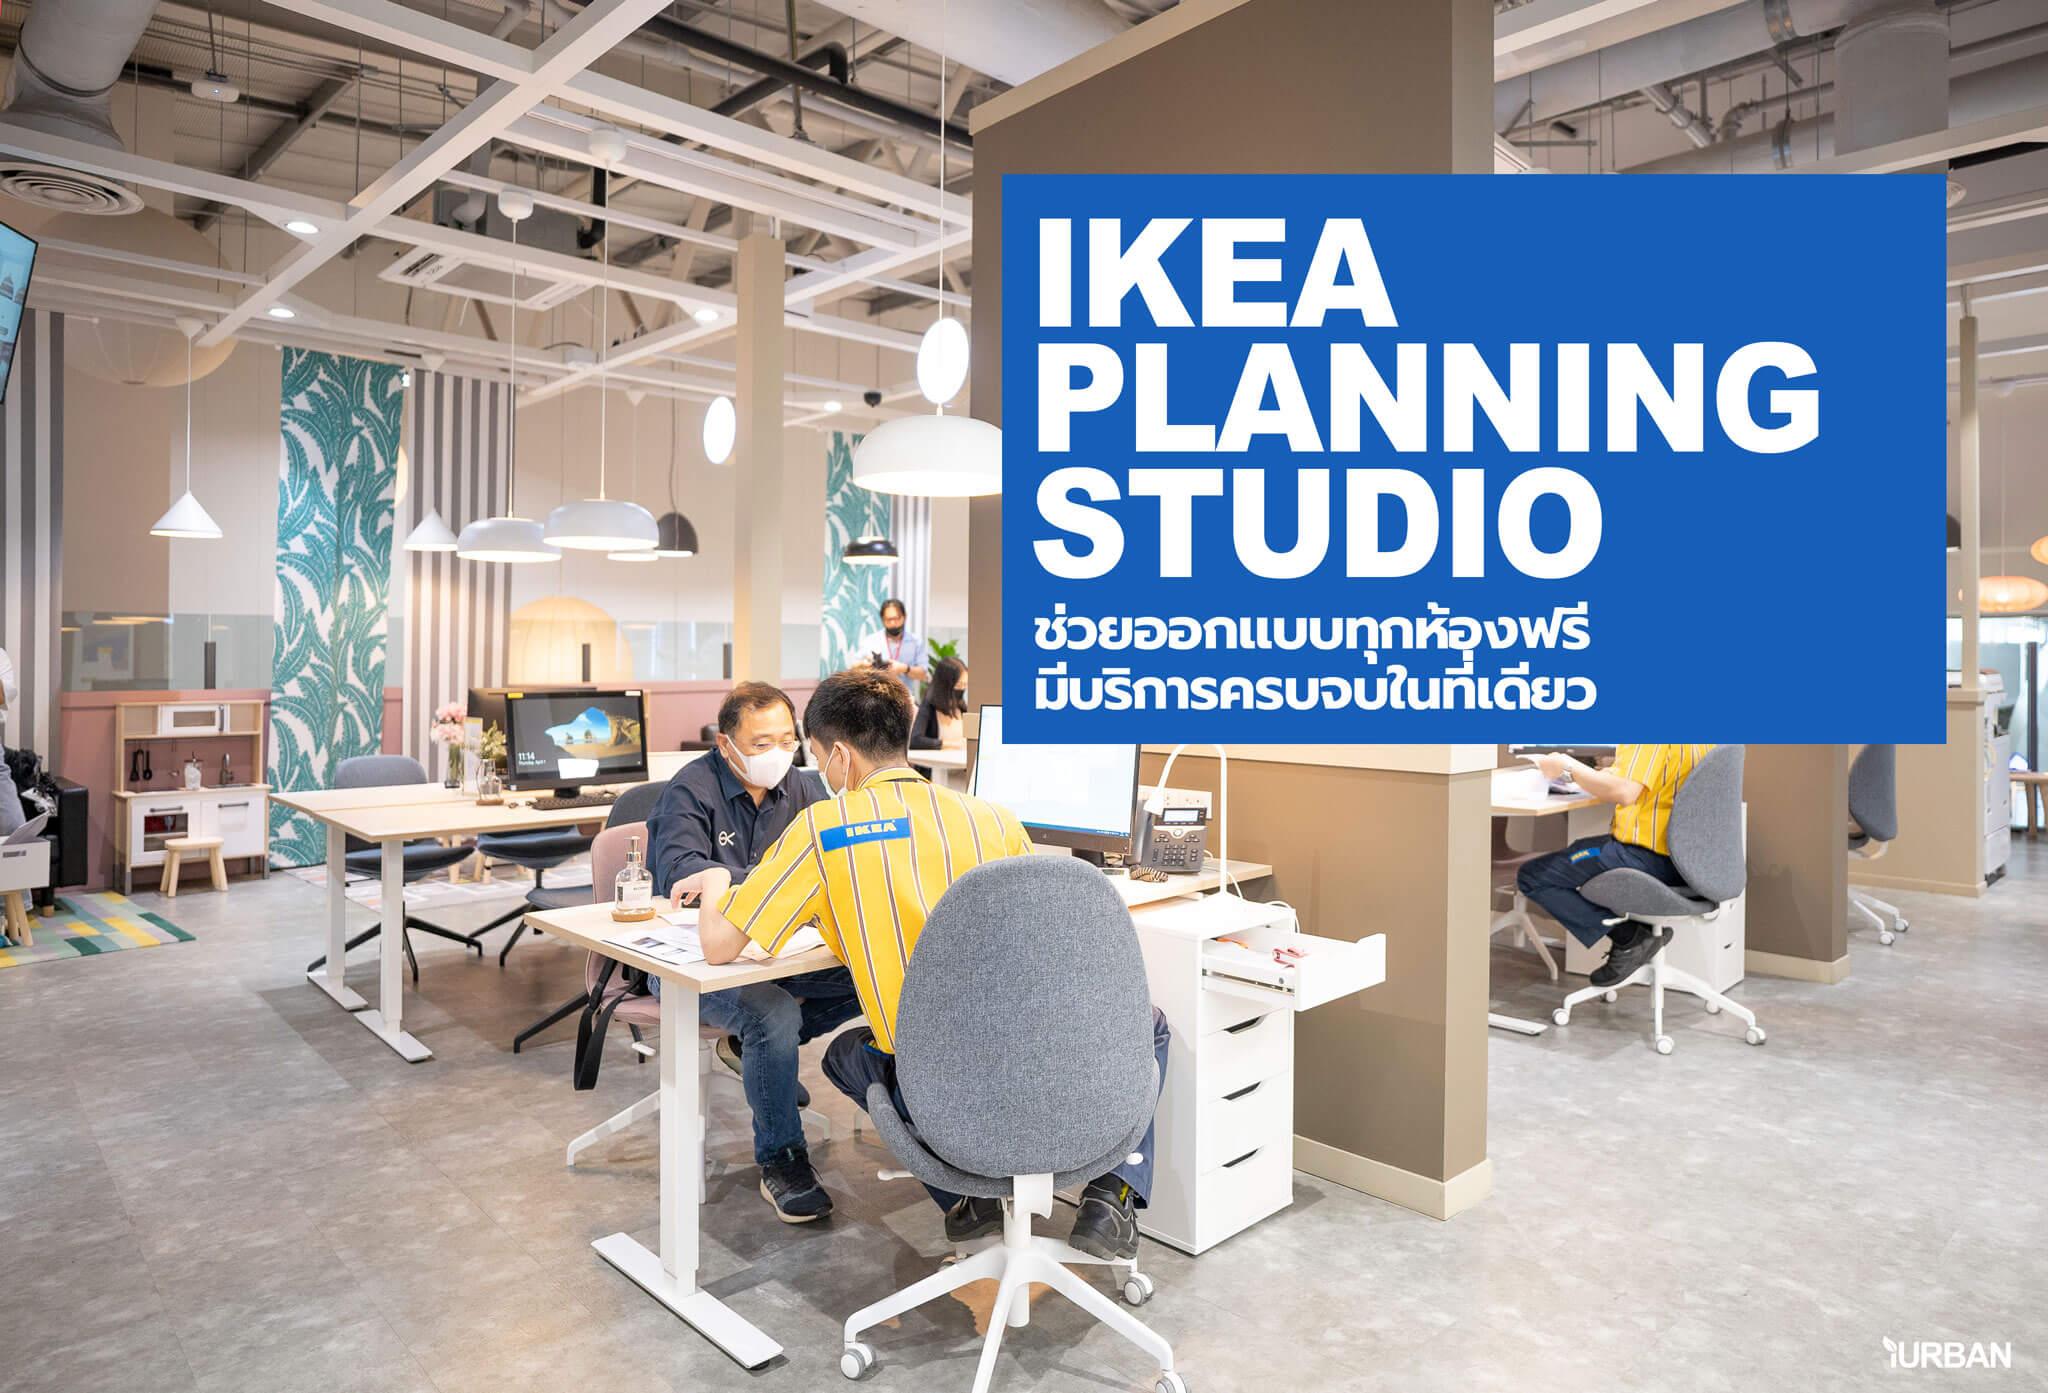 ครั้งแรกในโลก IKEA PLANNING STUDIO ช่วยออกแบบทุกห้องฟรี มีบริการครบจบในที่เดียว 13 - IKEA (อิเกีย)